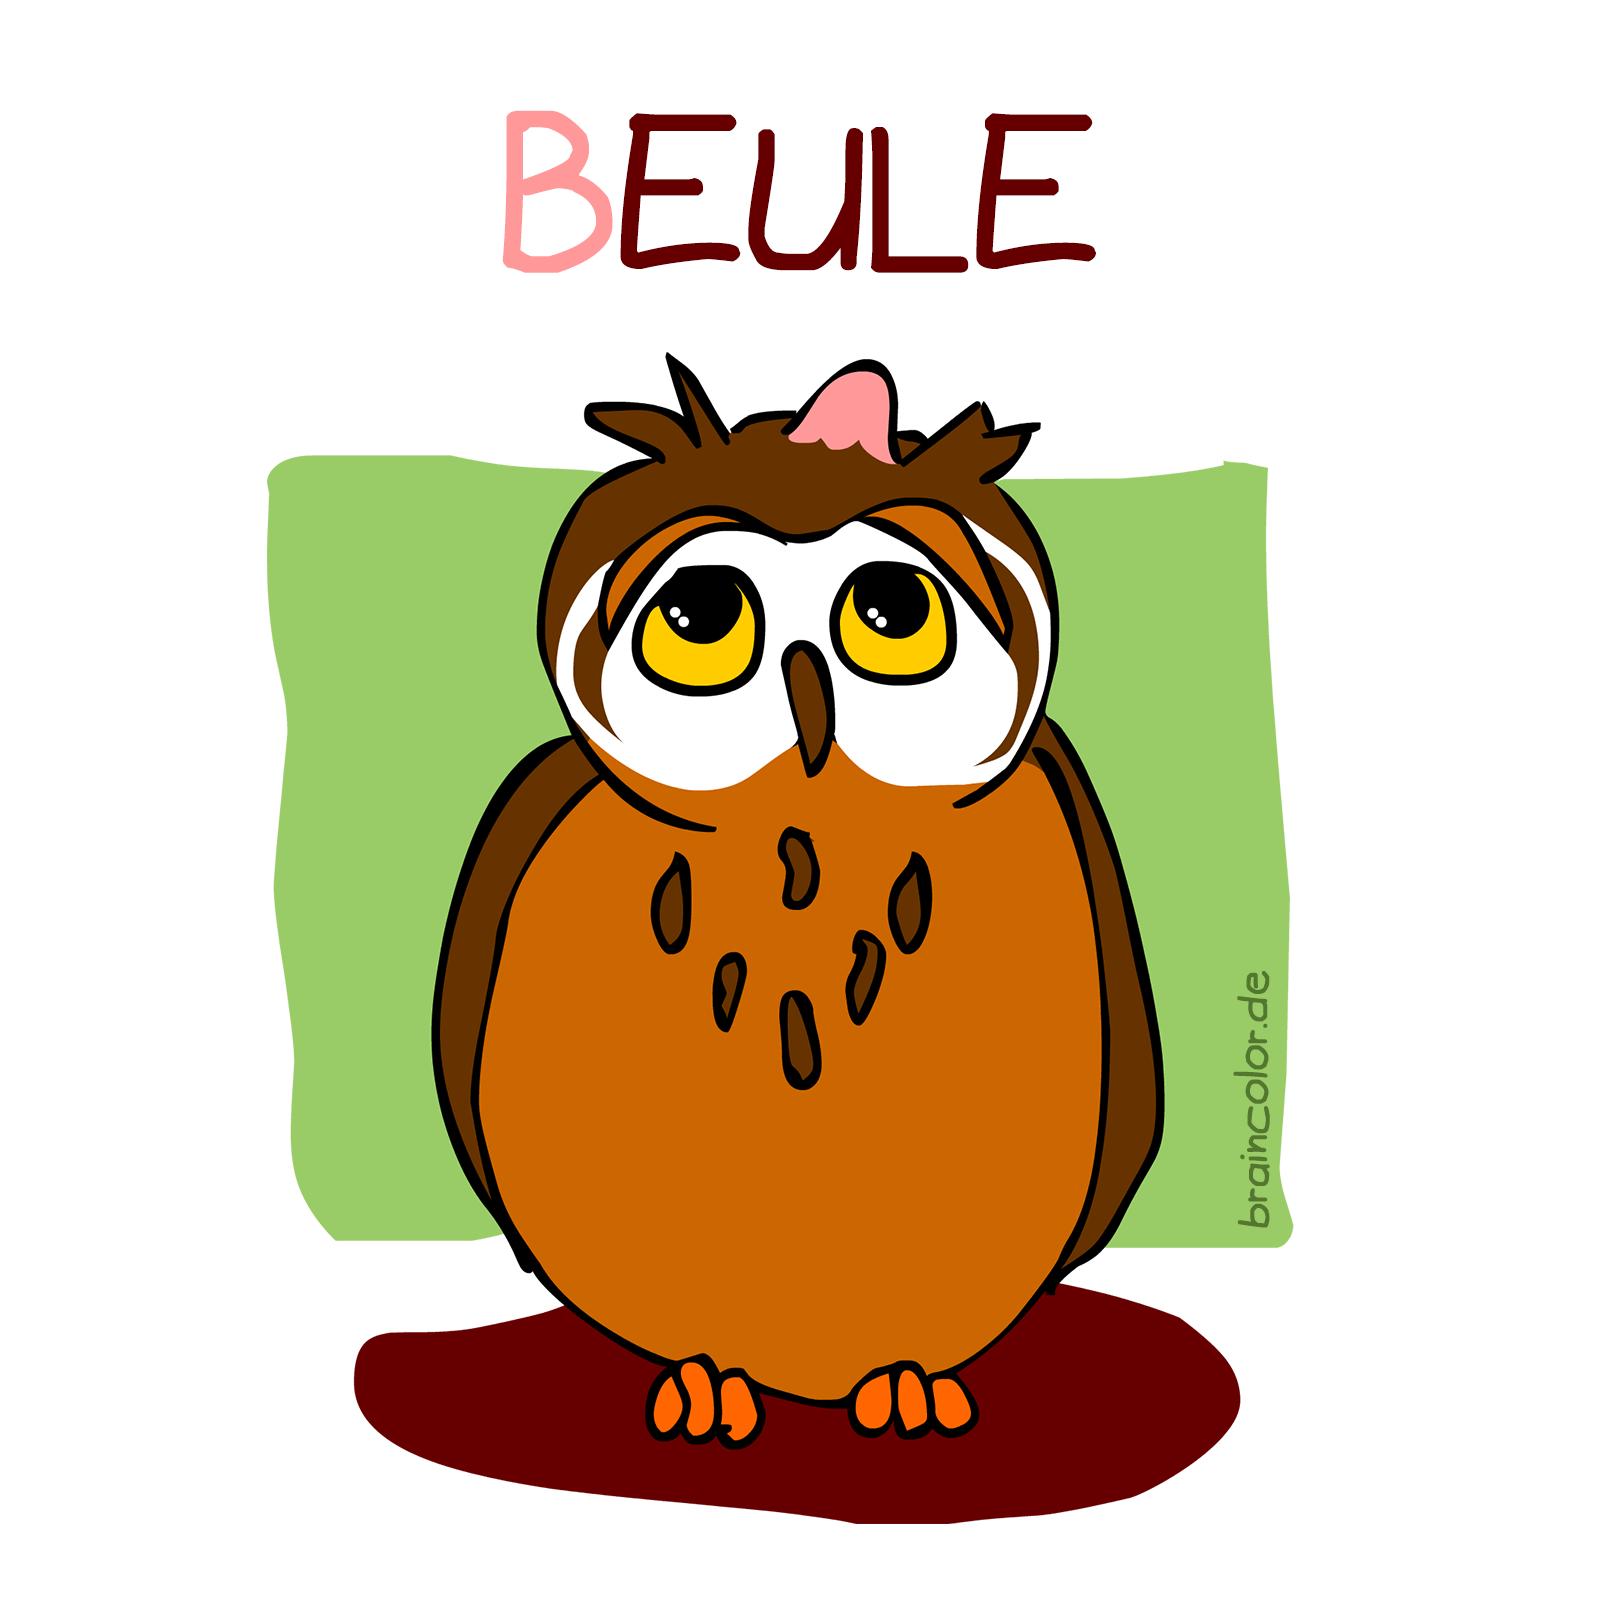 Eule-Beule